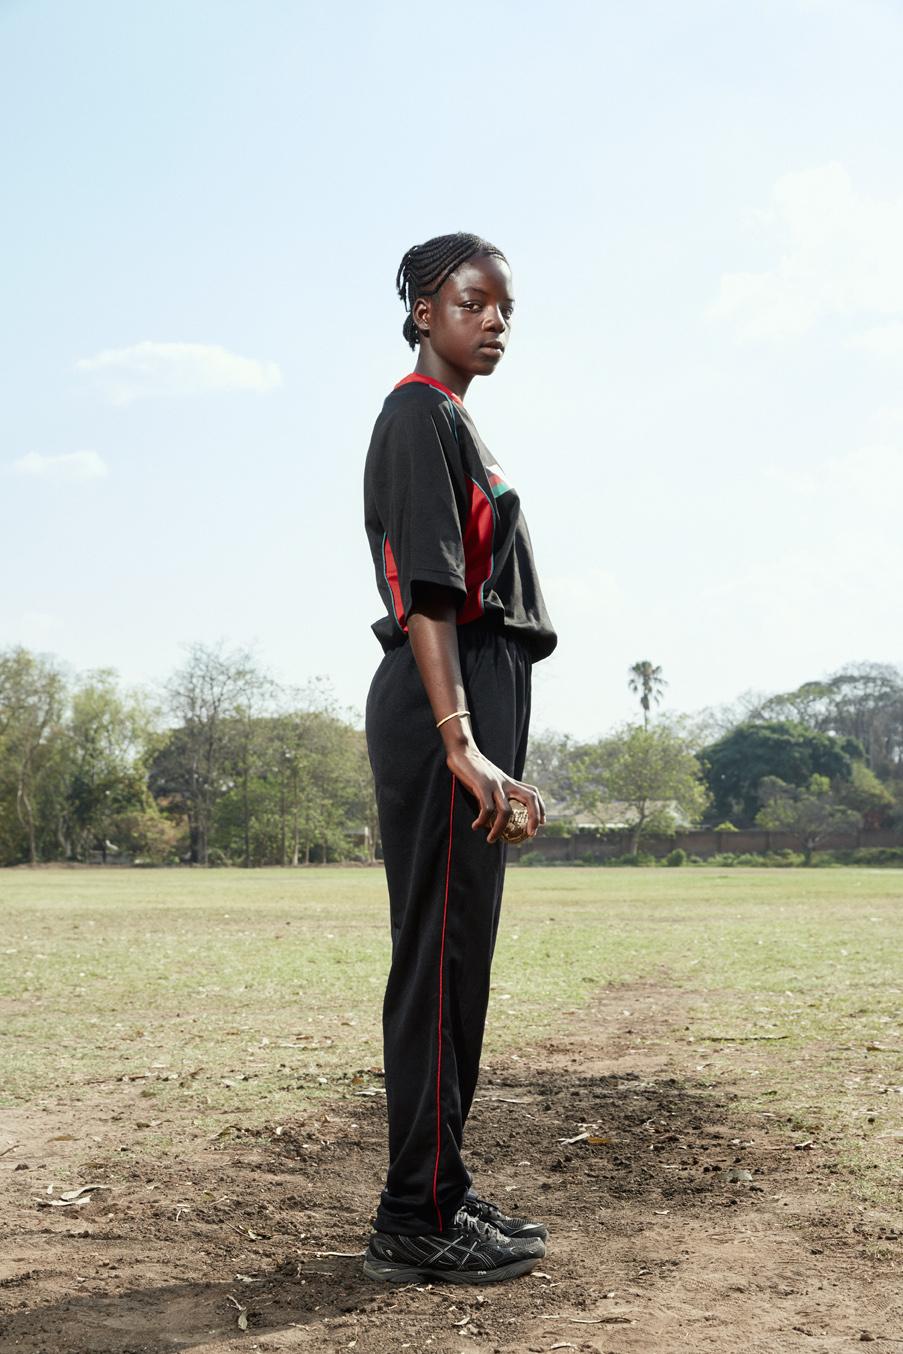 Chimwemwe Juma, bowler